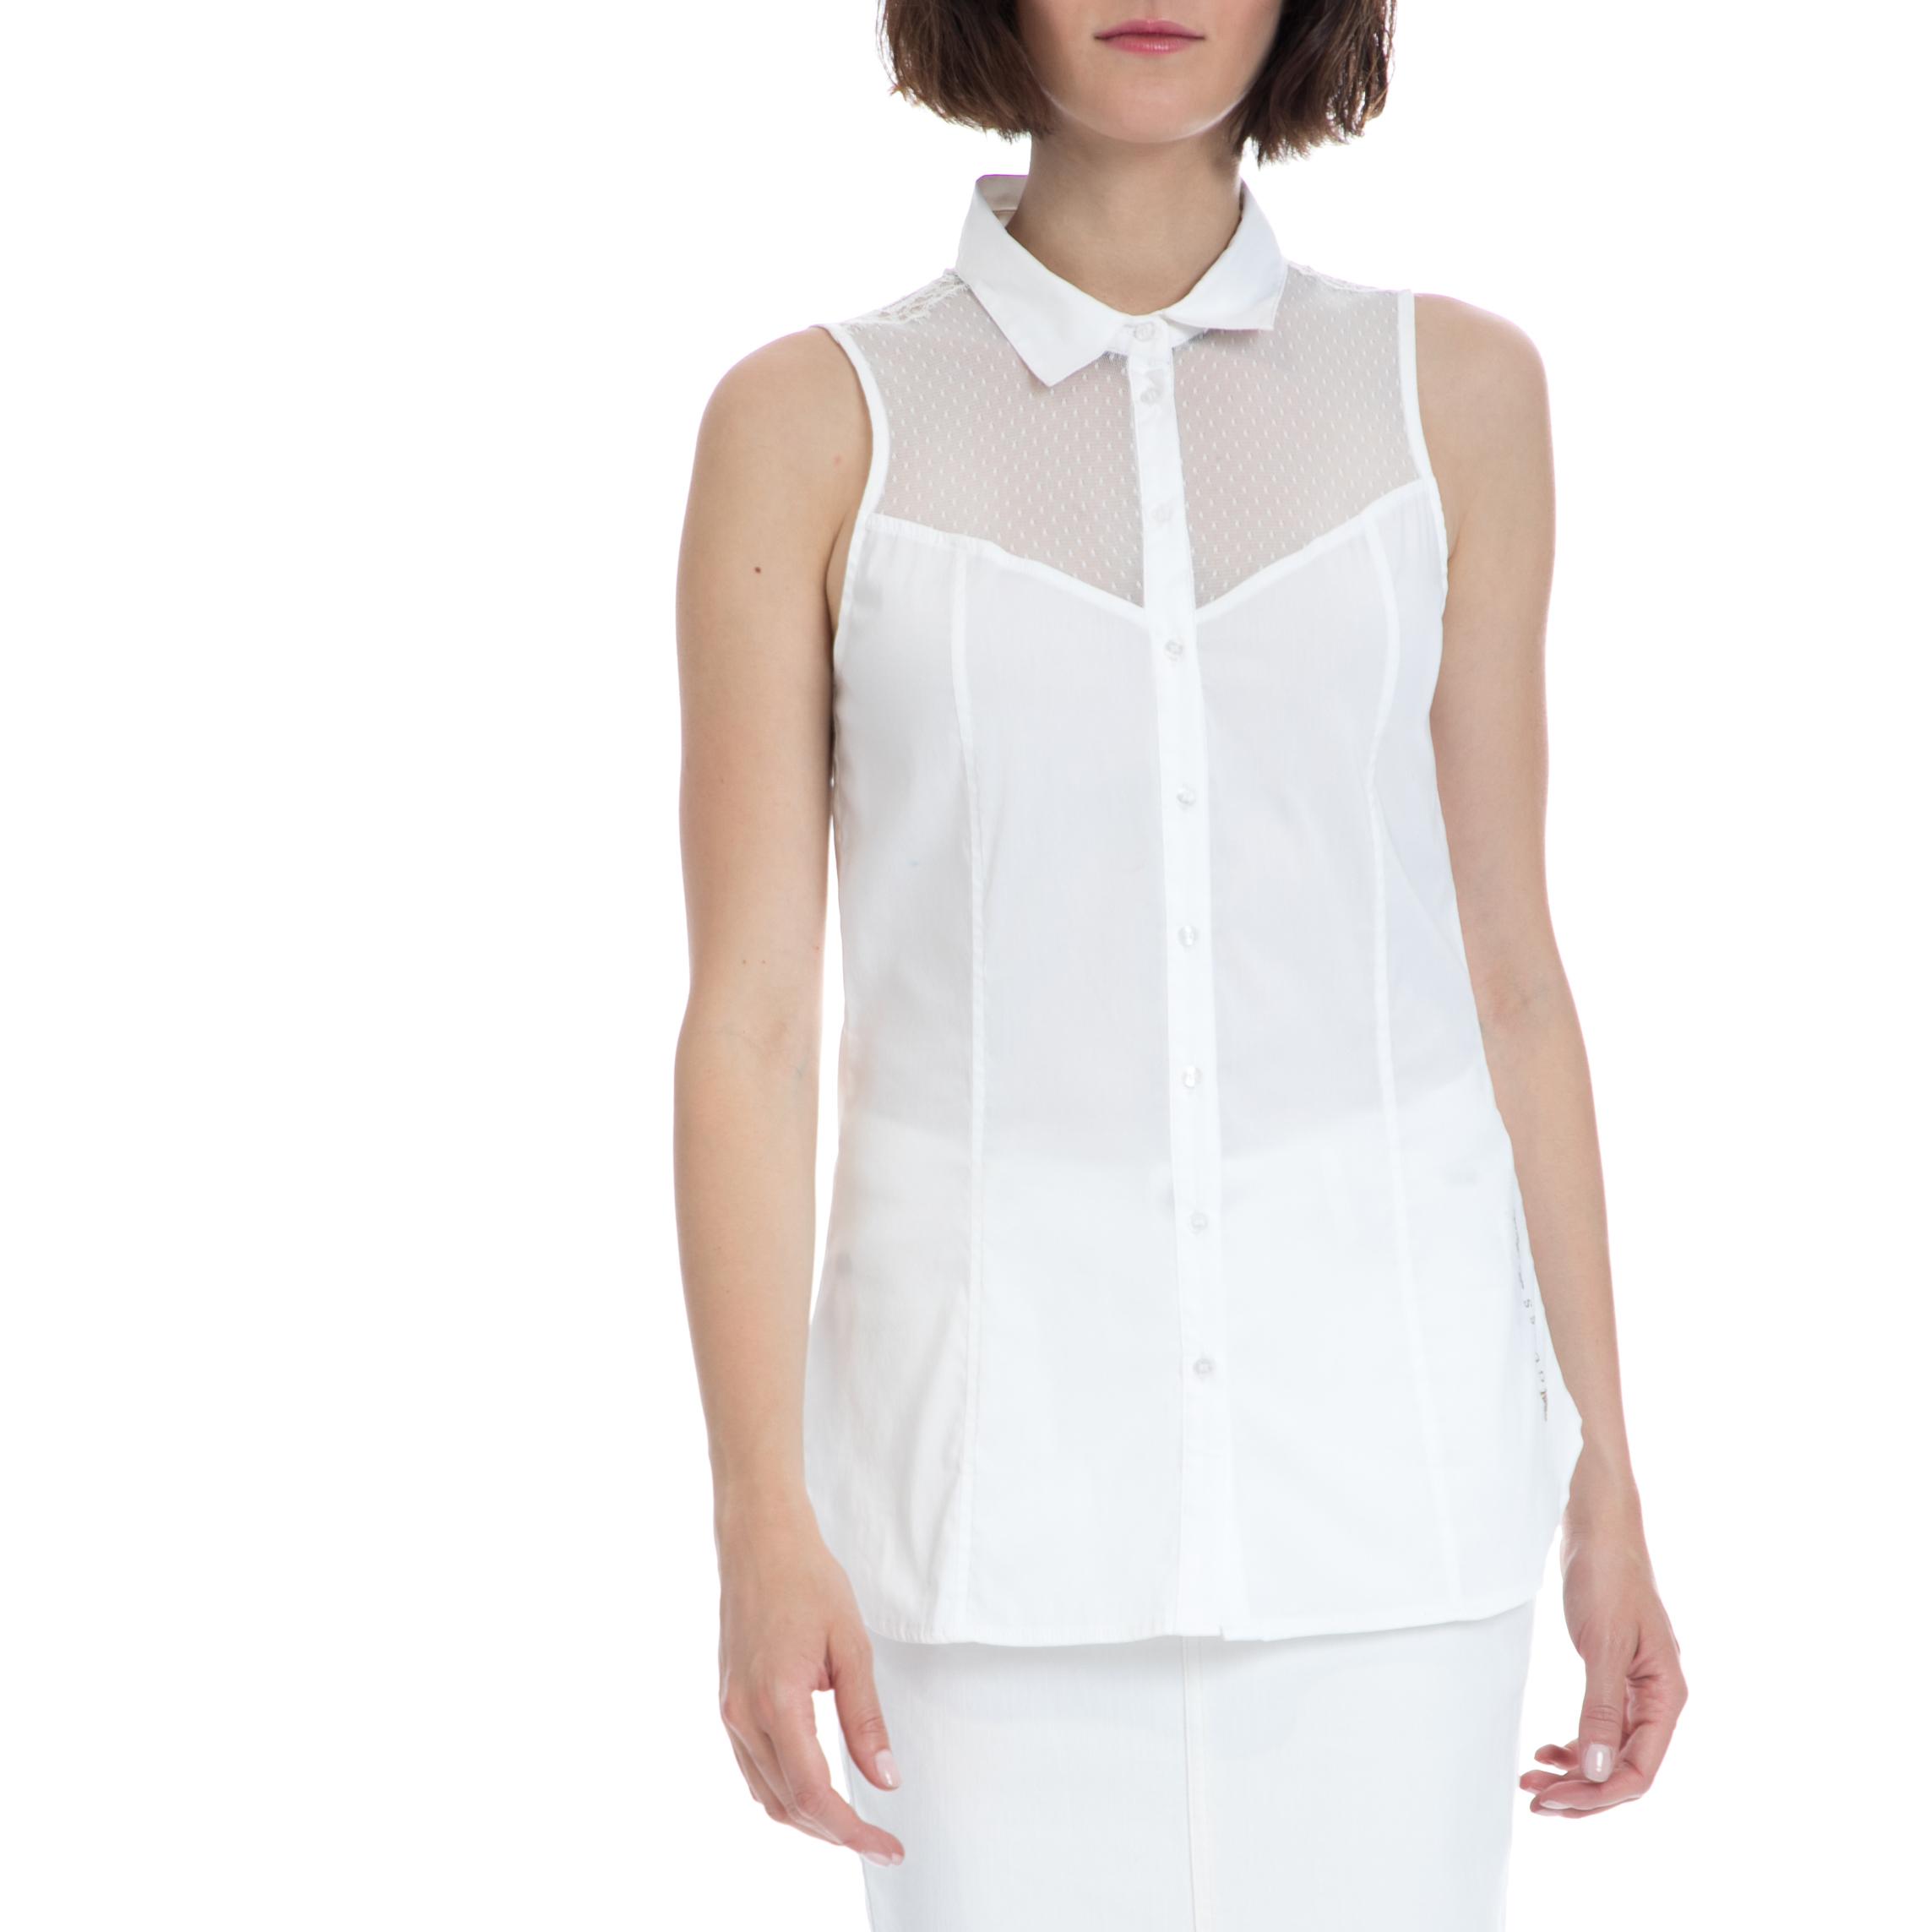 GUESS – Γυναικείο πουκάμισο Guess λευκό